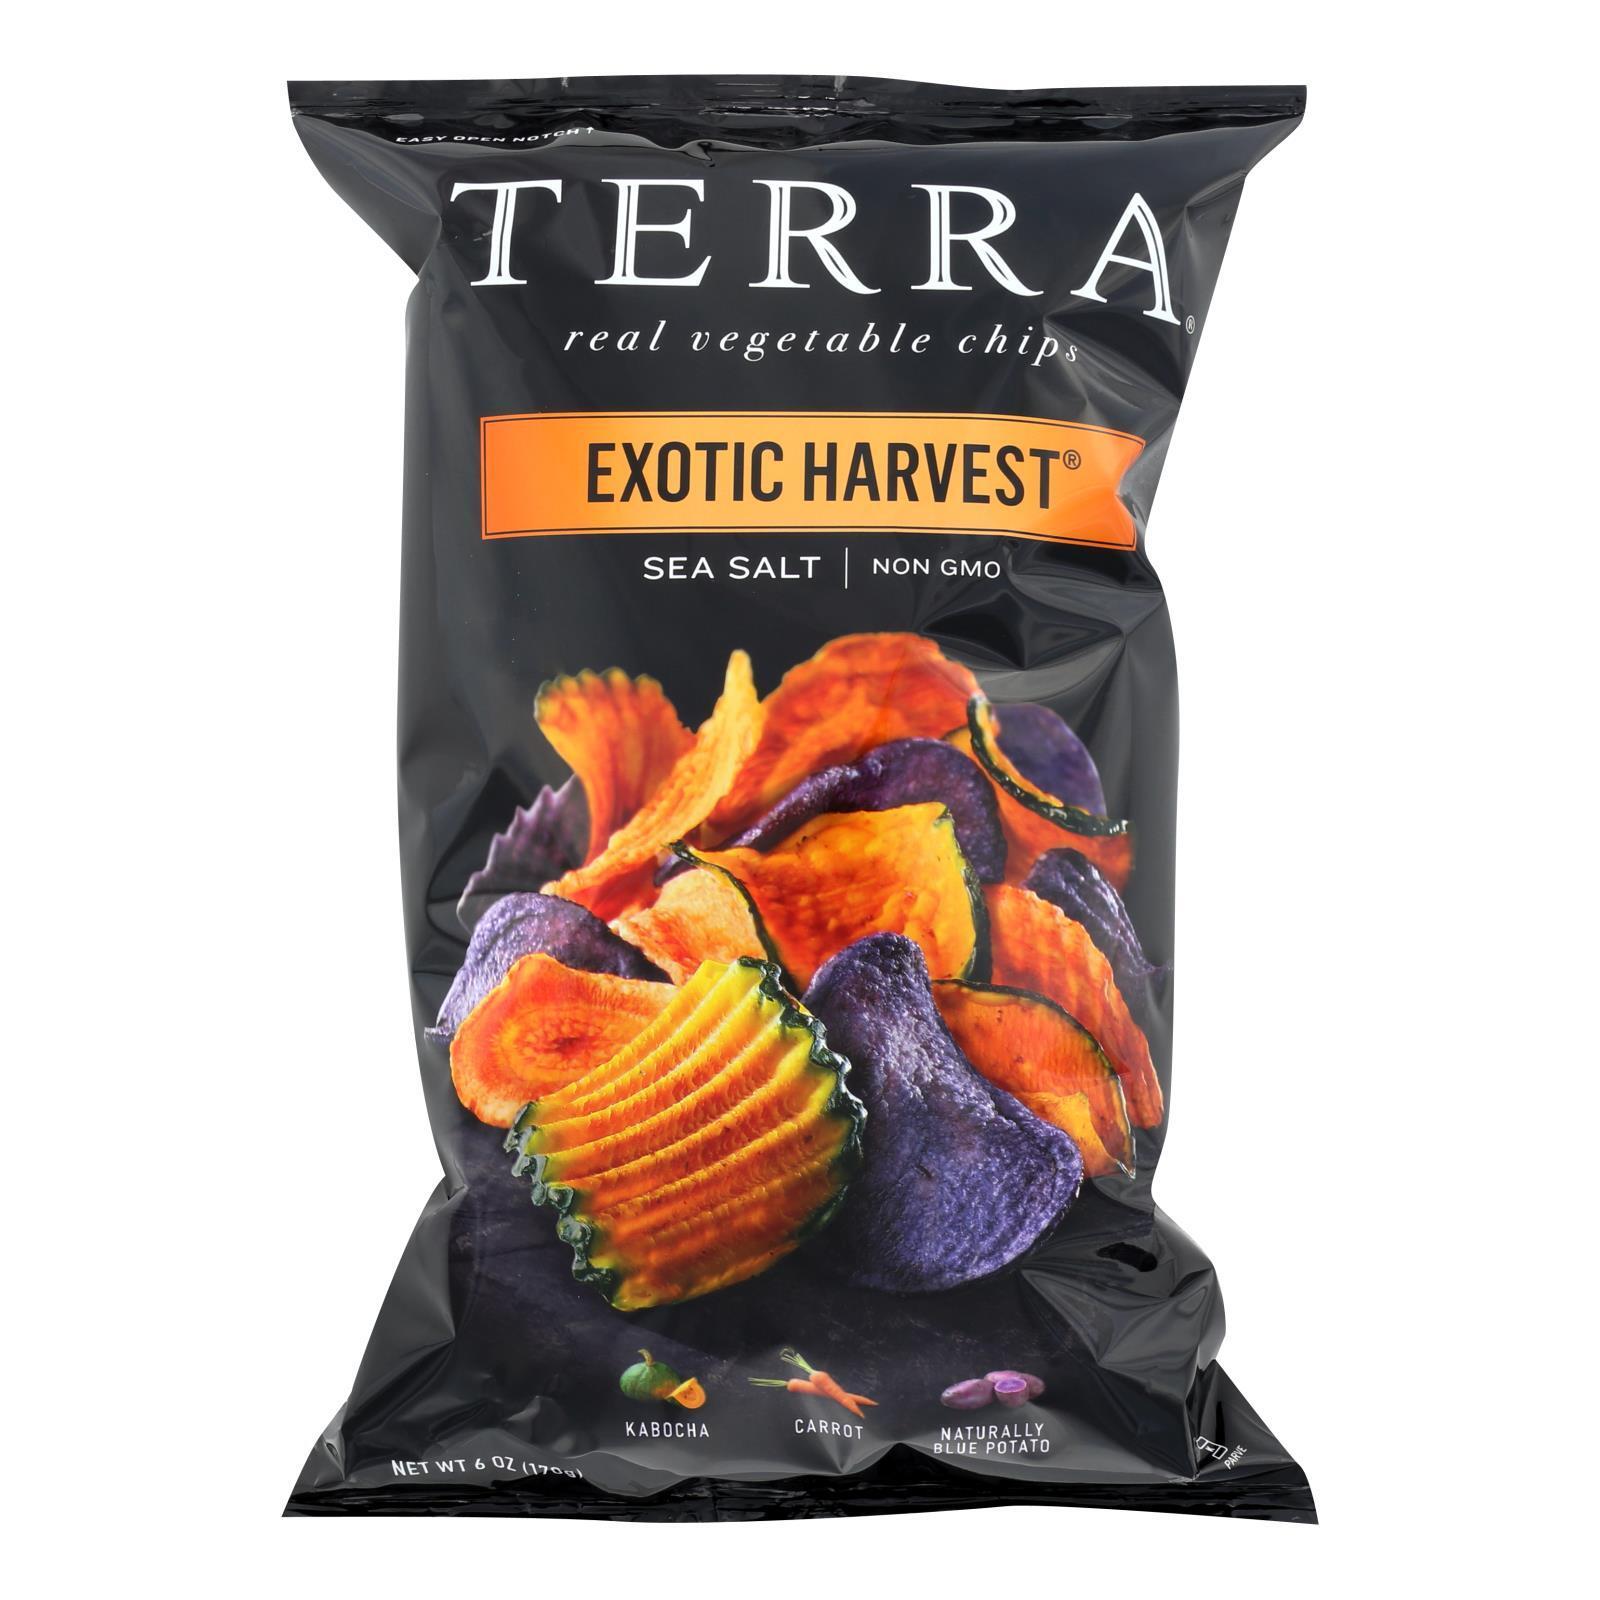 Terra Chips Exotic Vegetable Chips - Exotic Harvest Sea Salt - Case of 12 - 6 oz.